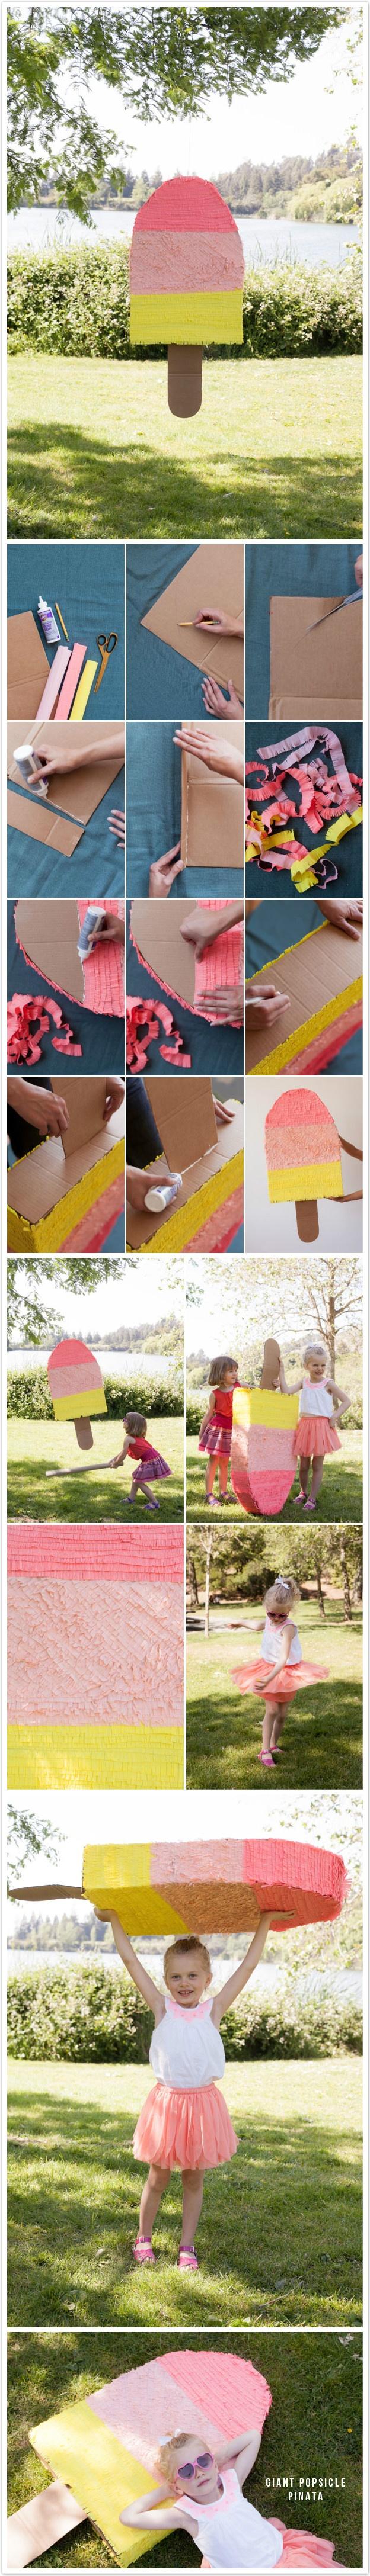 Pinhata de papelão 纸板皮纳塔